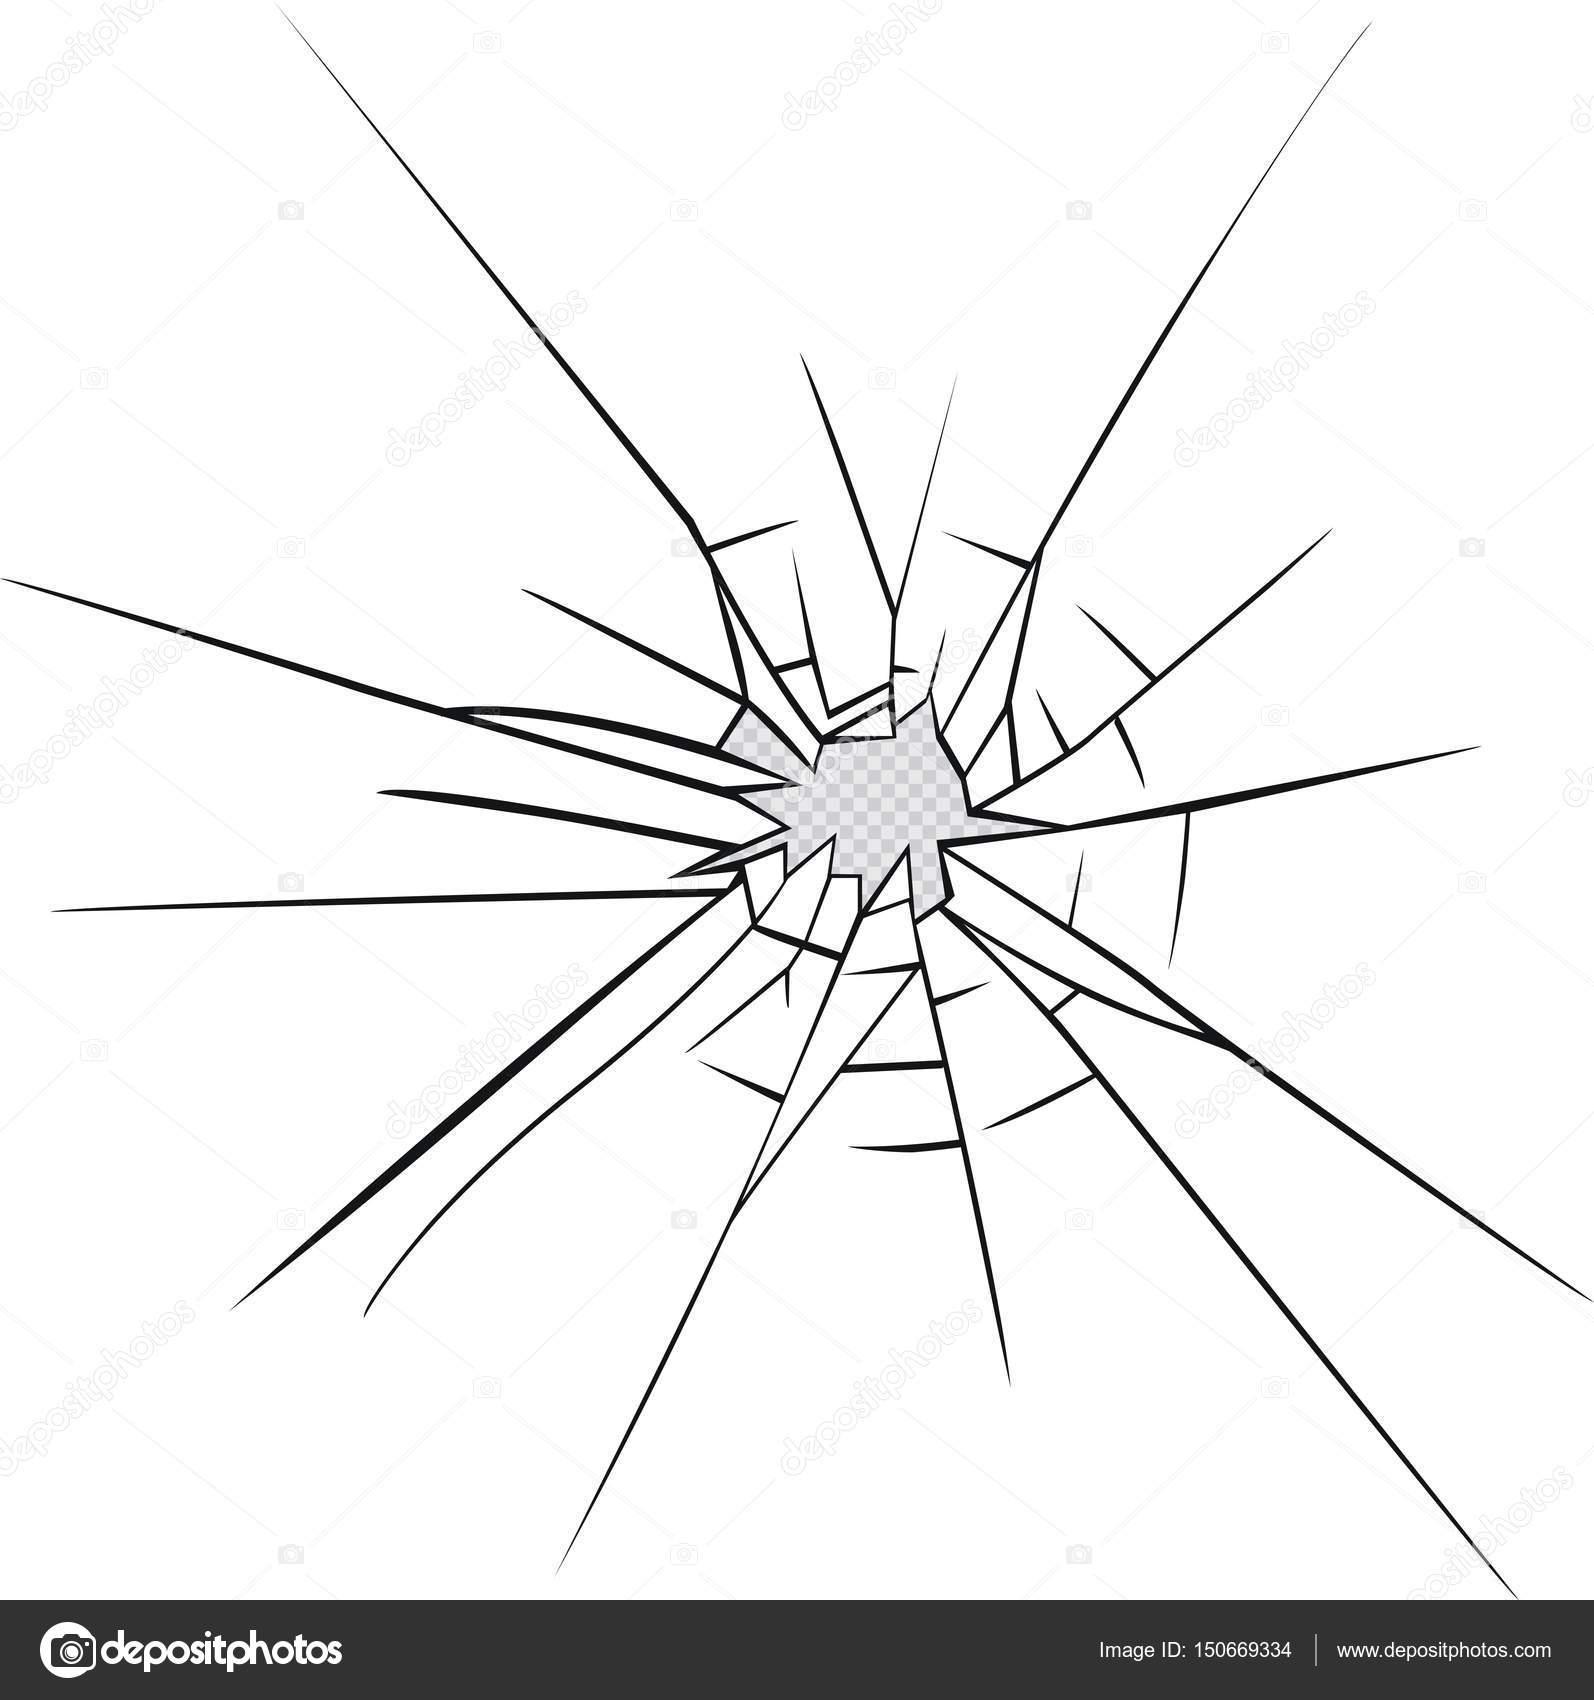 Broken Window Drawing At Getdrawings